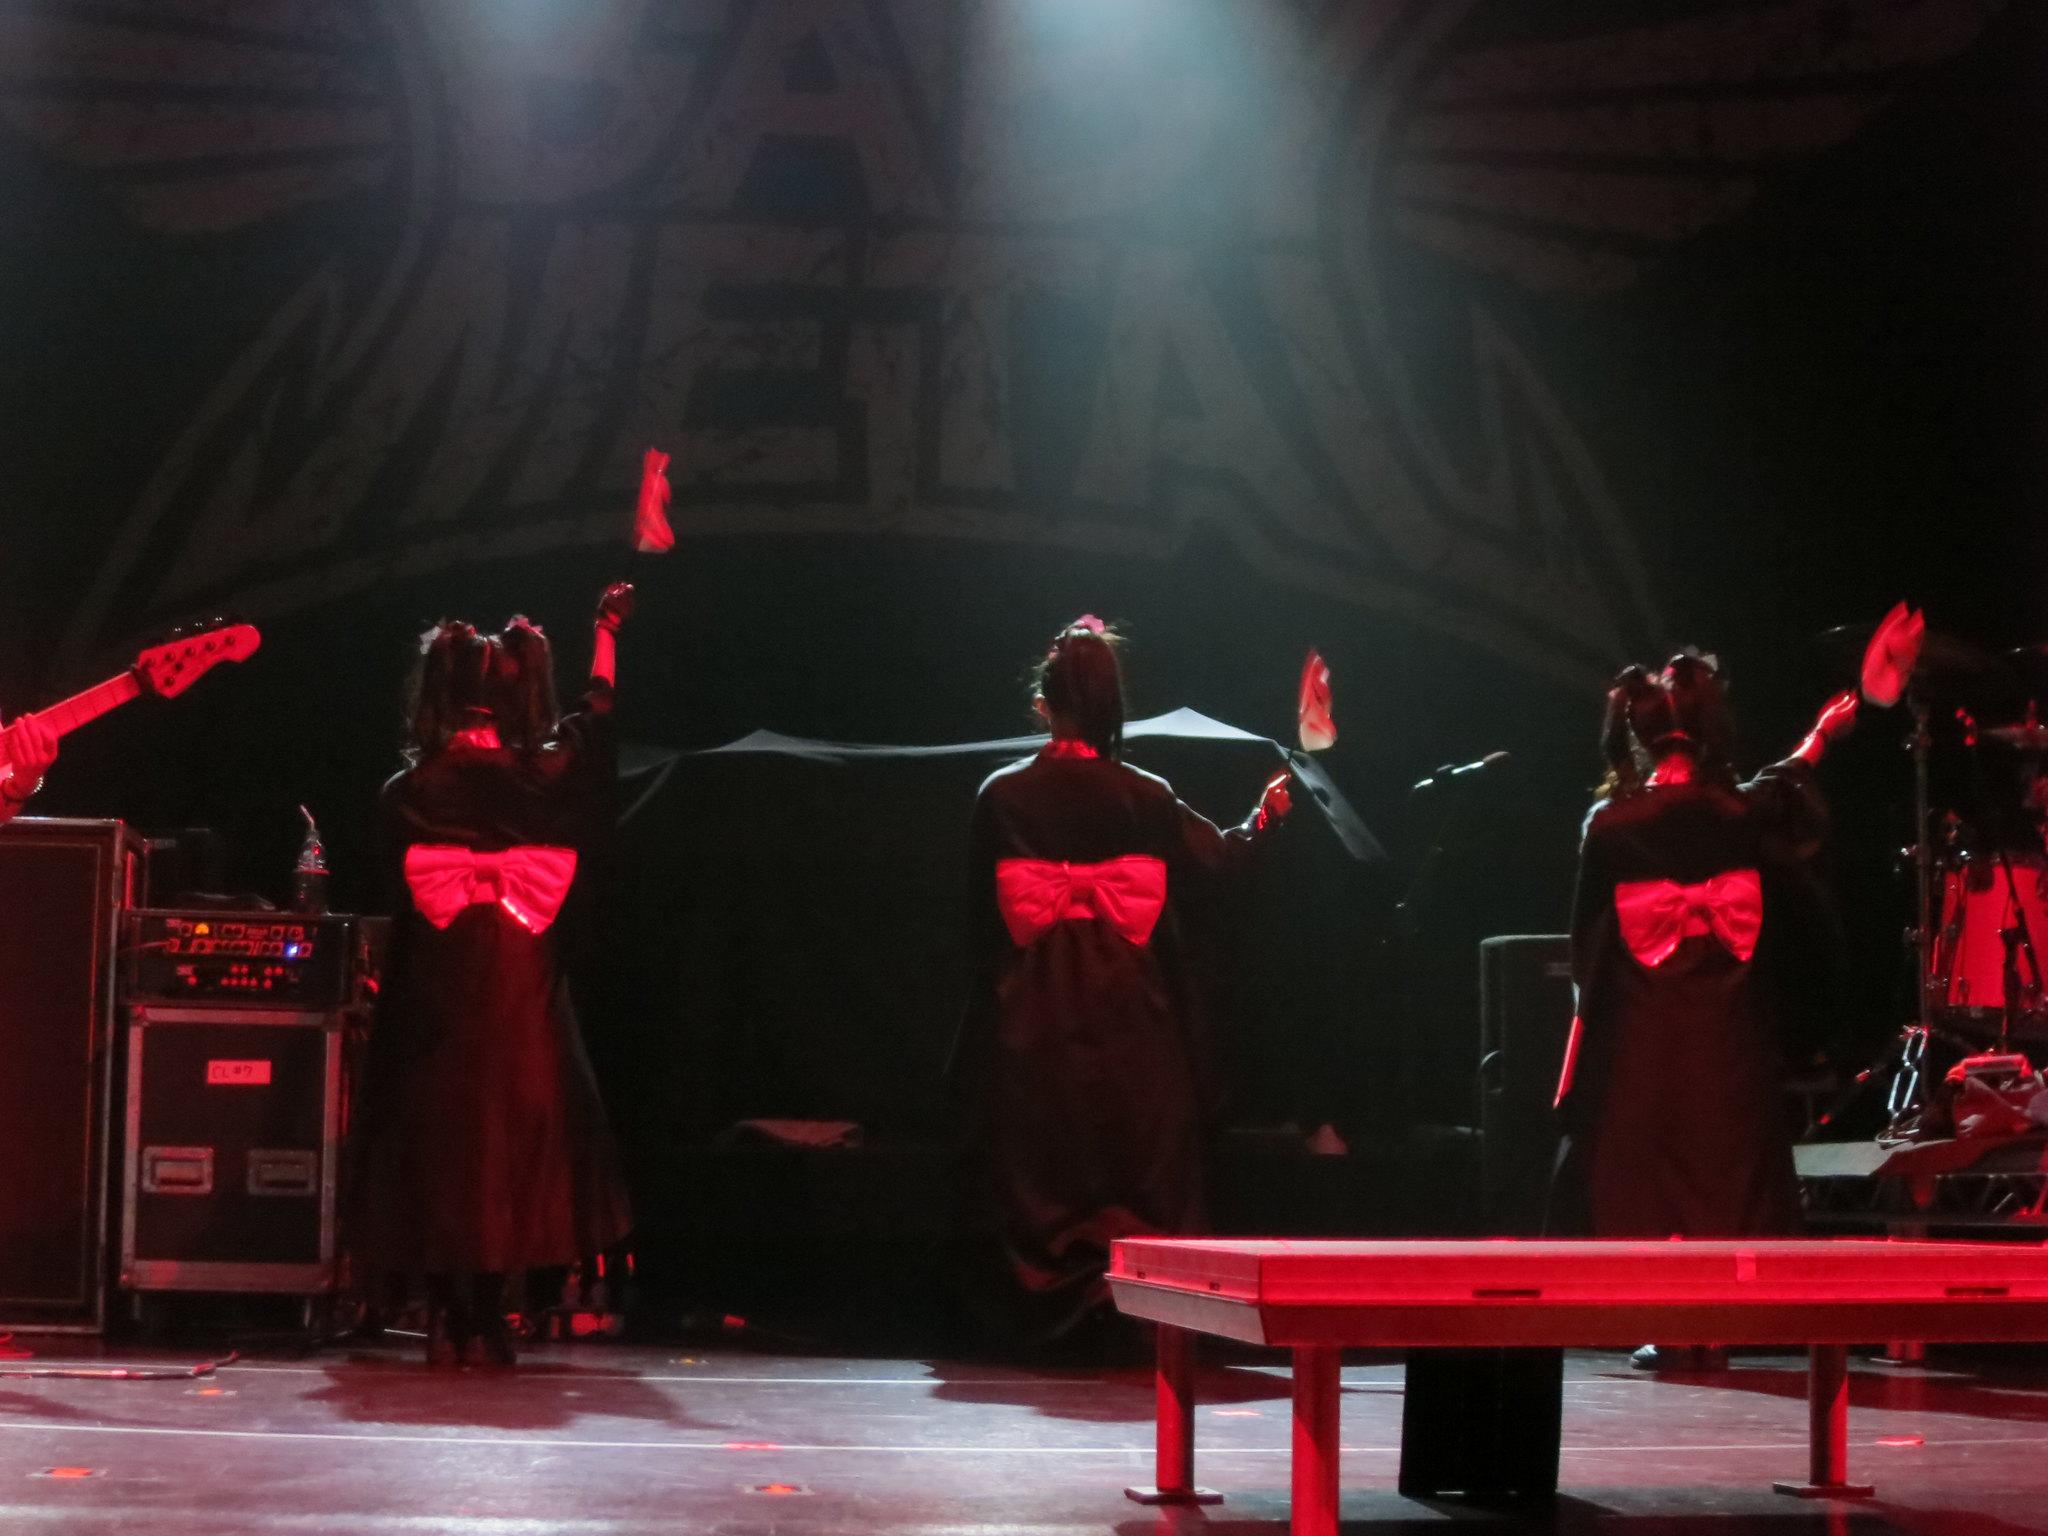 【音楽】BABYMETAL、ついにレッチリとステージで共演!海外メディア「怖いほどブリリアント」 [無断転載禁止]©2ch.netYouTube動画>57本 ->画像>293枚